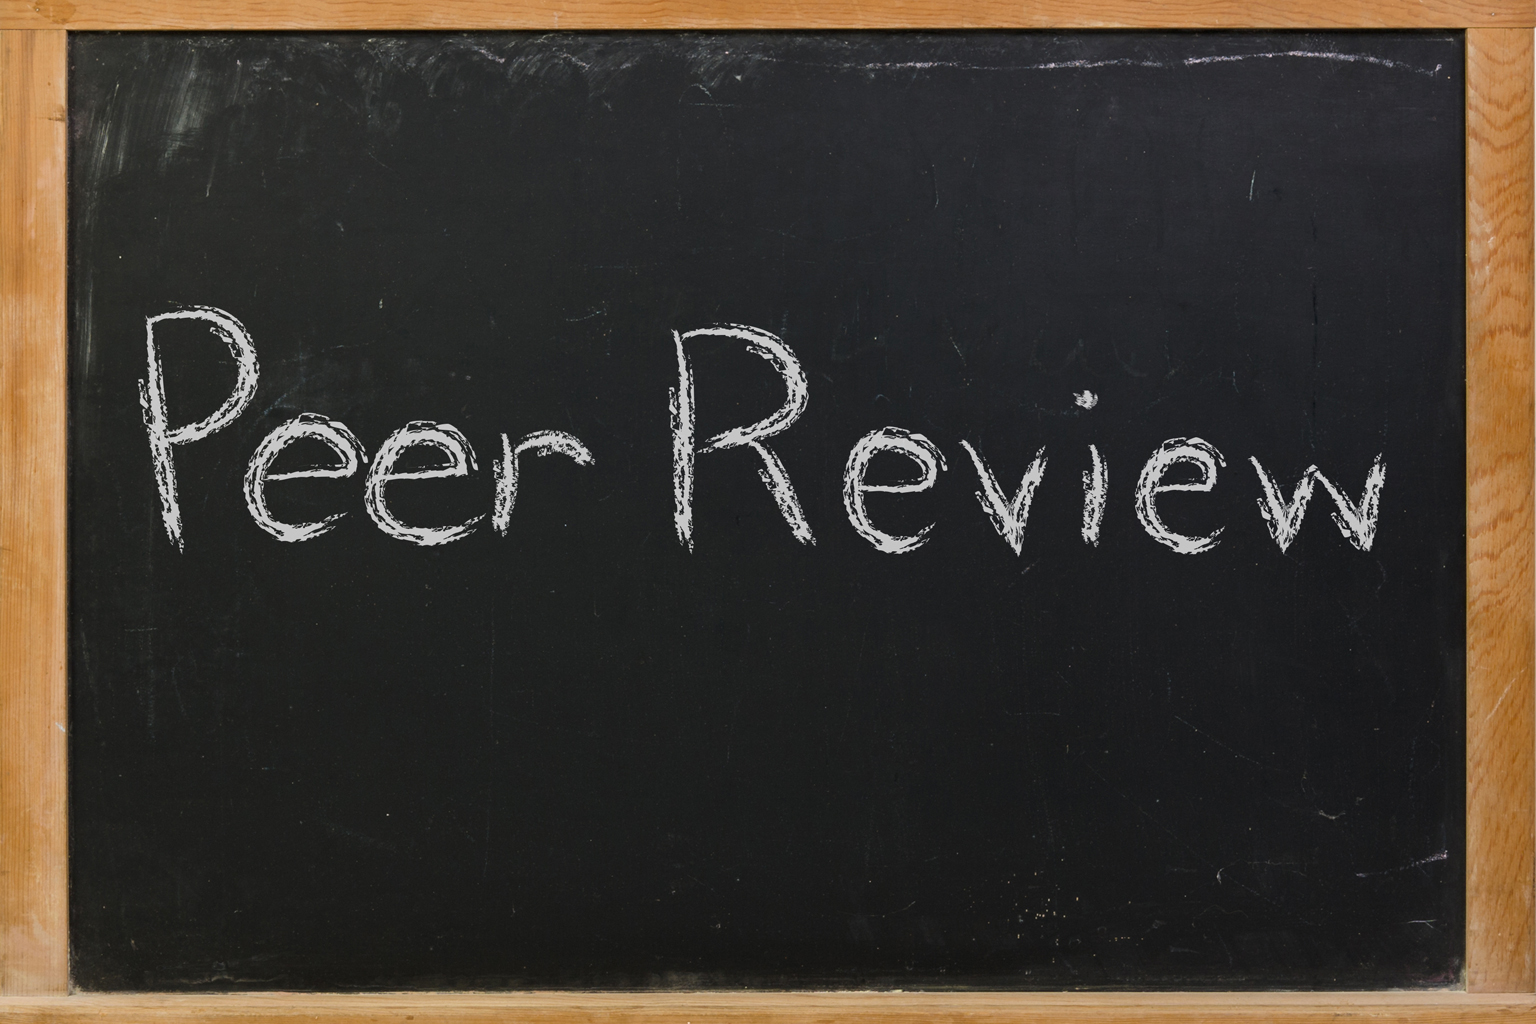 Peer review written on a chalkboard